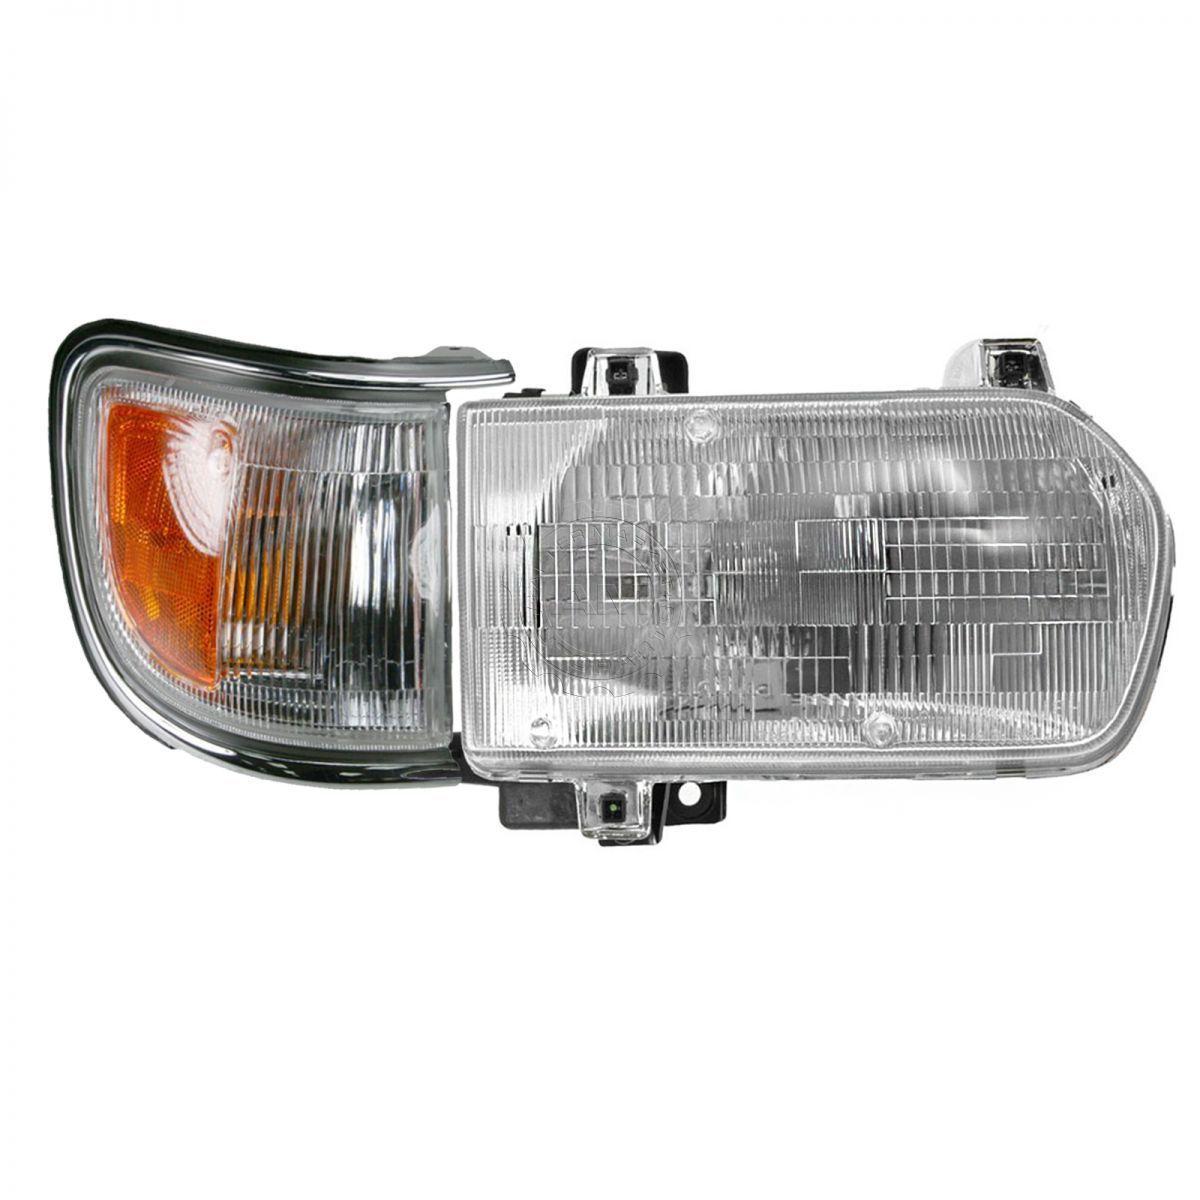 コーナーライト Headlight & Corner Light Lamp Kit Passenger RH Side for 96-99 Nissan Pathfinder ヘッドライト& コーナーライトランプキット96-99用乗用車側Nissan Pathfinder